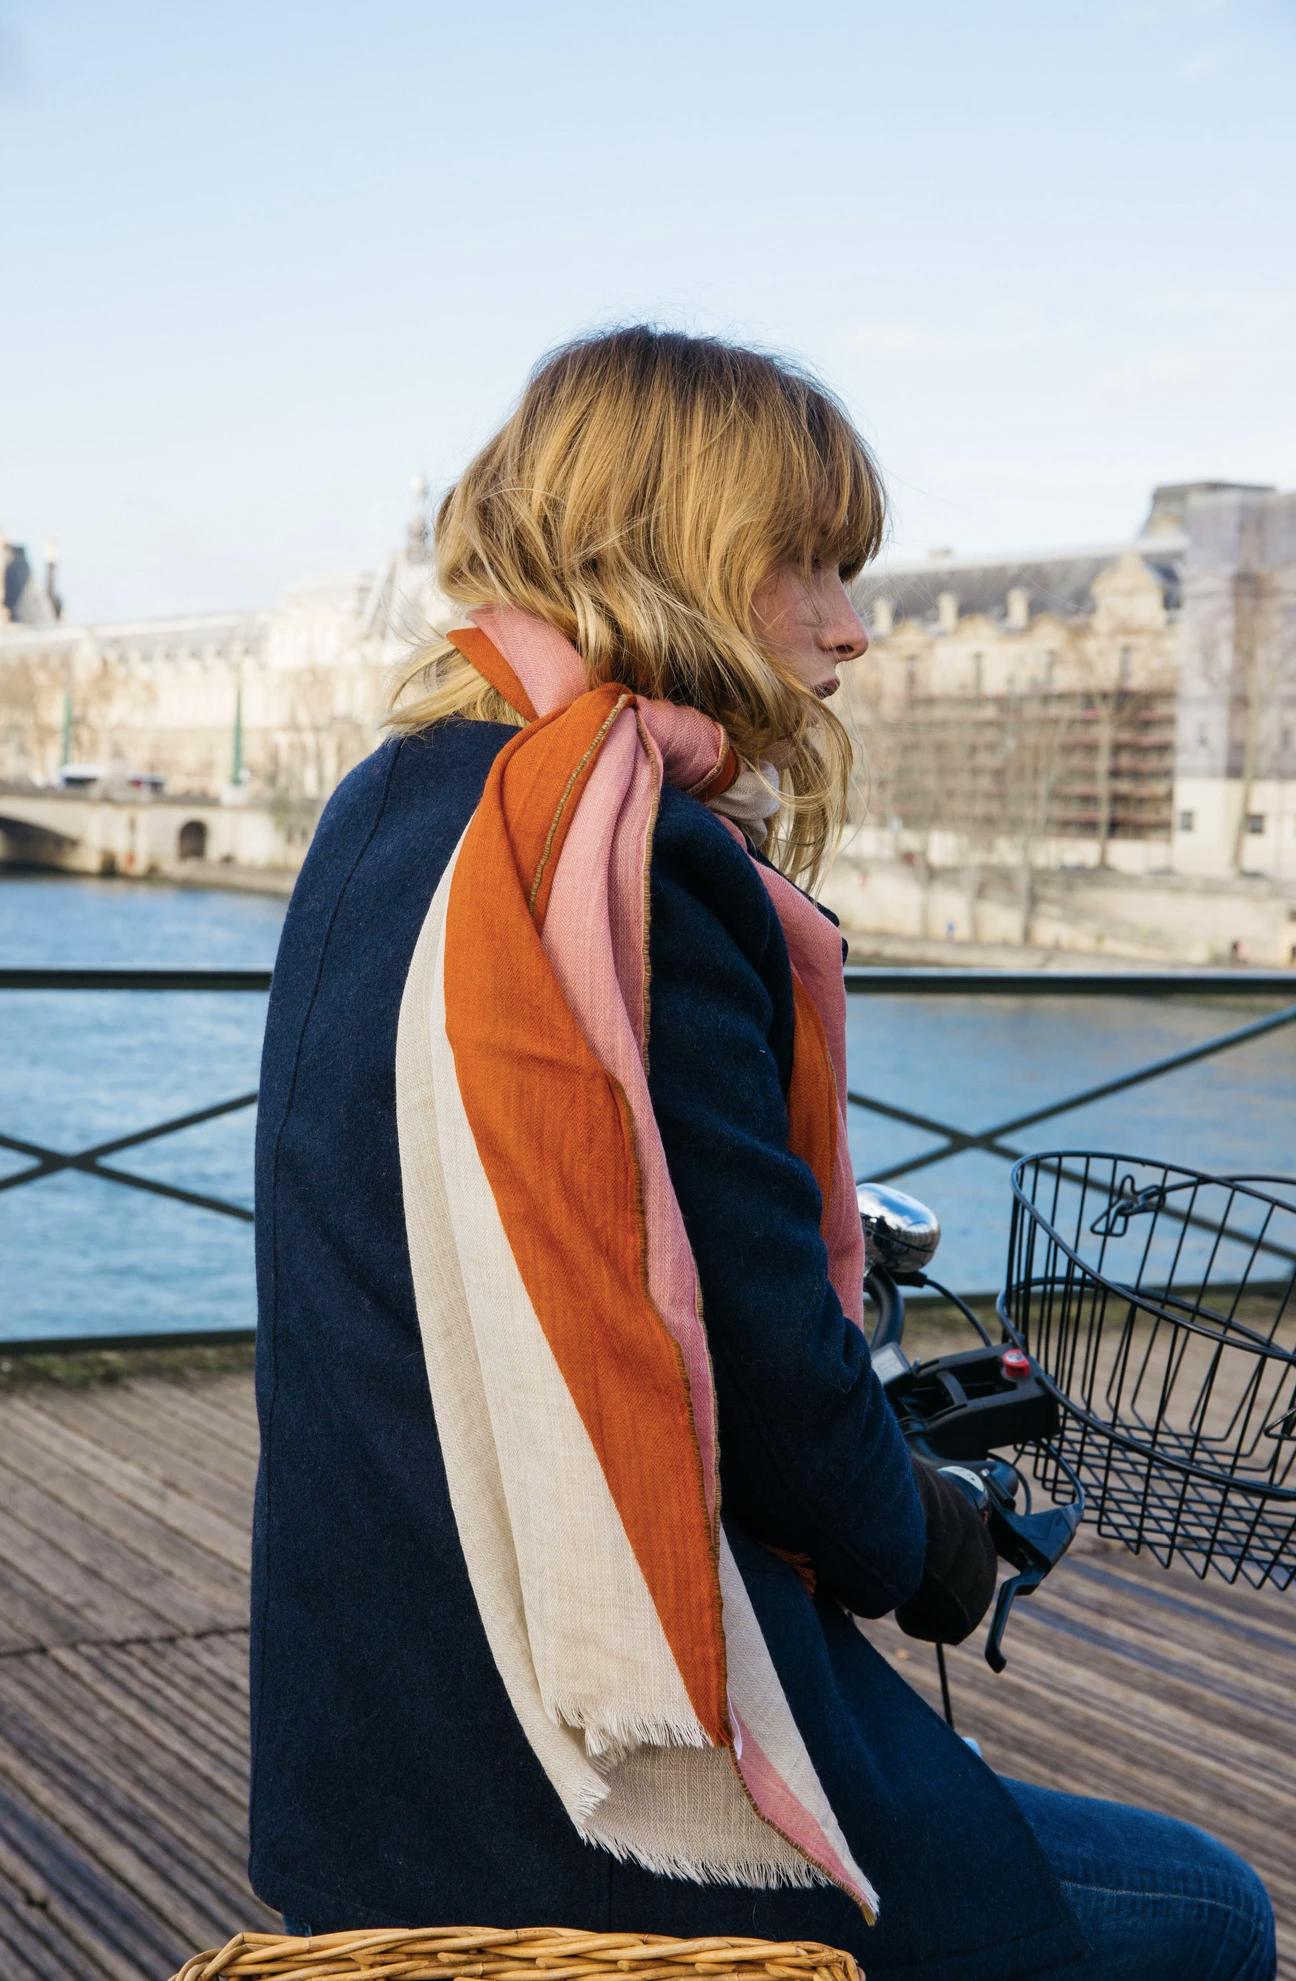 フランスとインド、対称性が生む美。いつもの服もグッと新鮮に見せる大人の配色の「ストール・マフラー」|MOISMONT(モワモン)